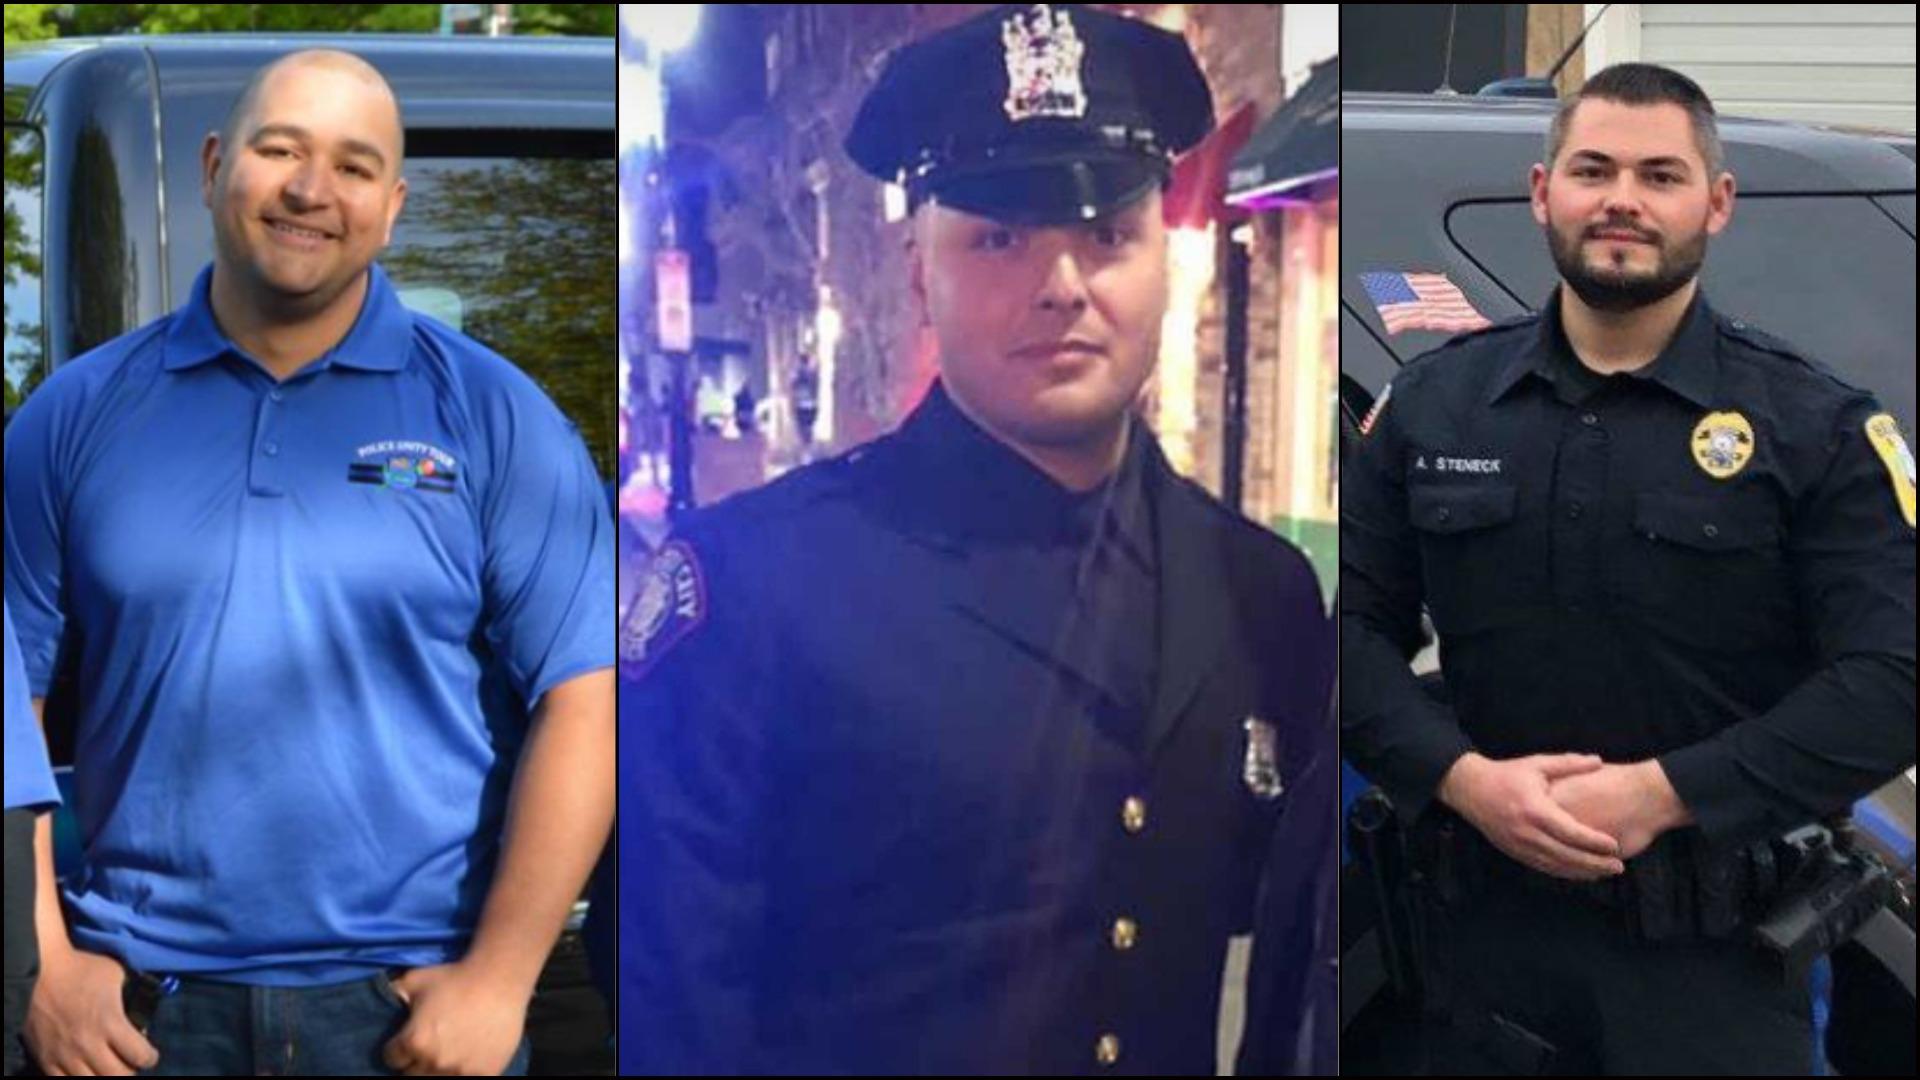 Kevin Jones - Angelo Alas - Anthony Steneck - Belmar Police - Jersey City Police